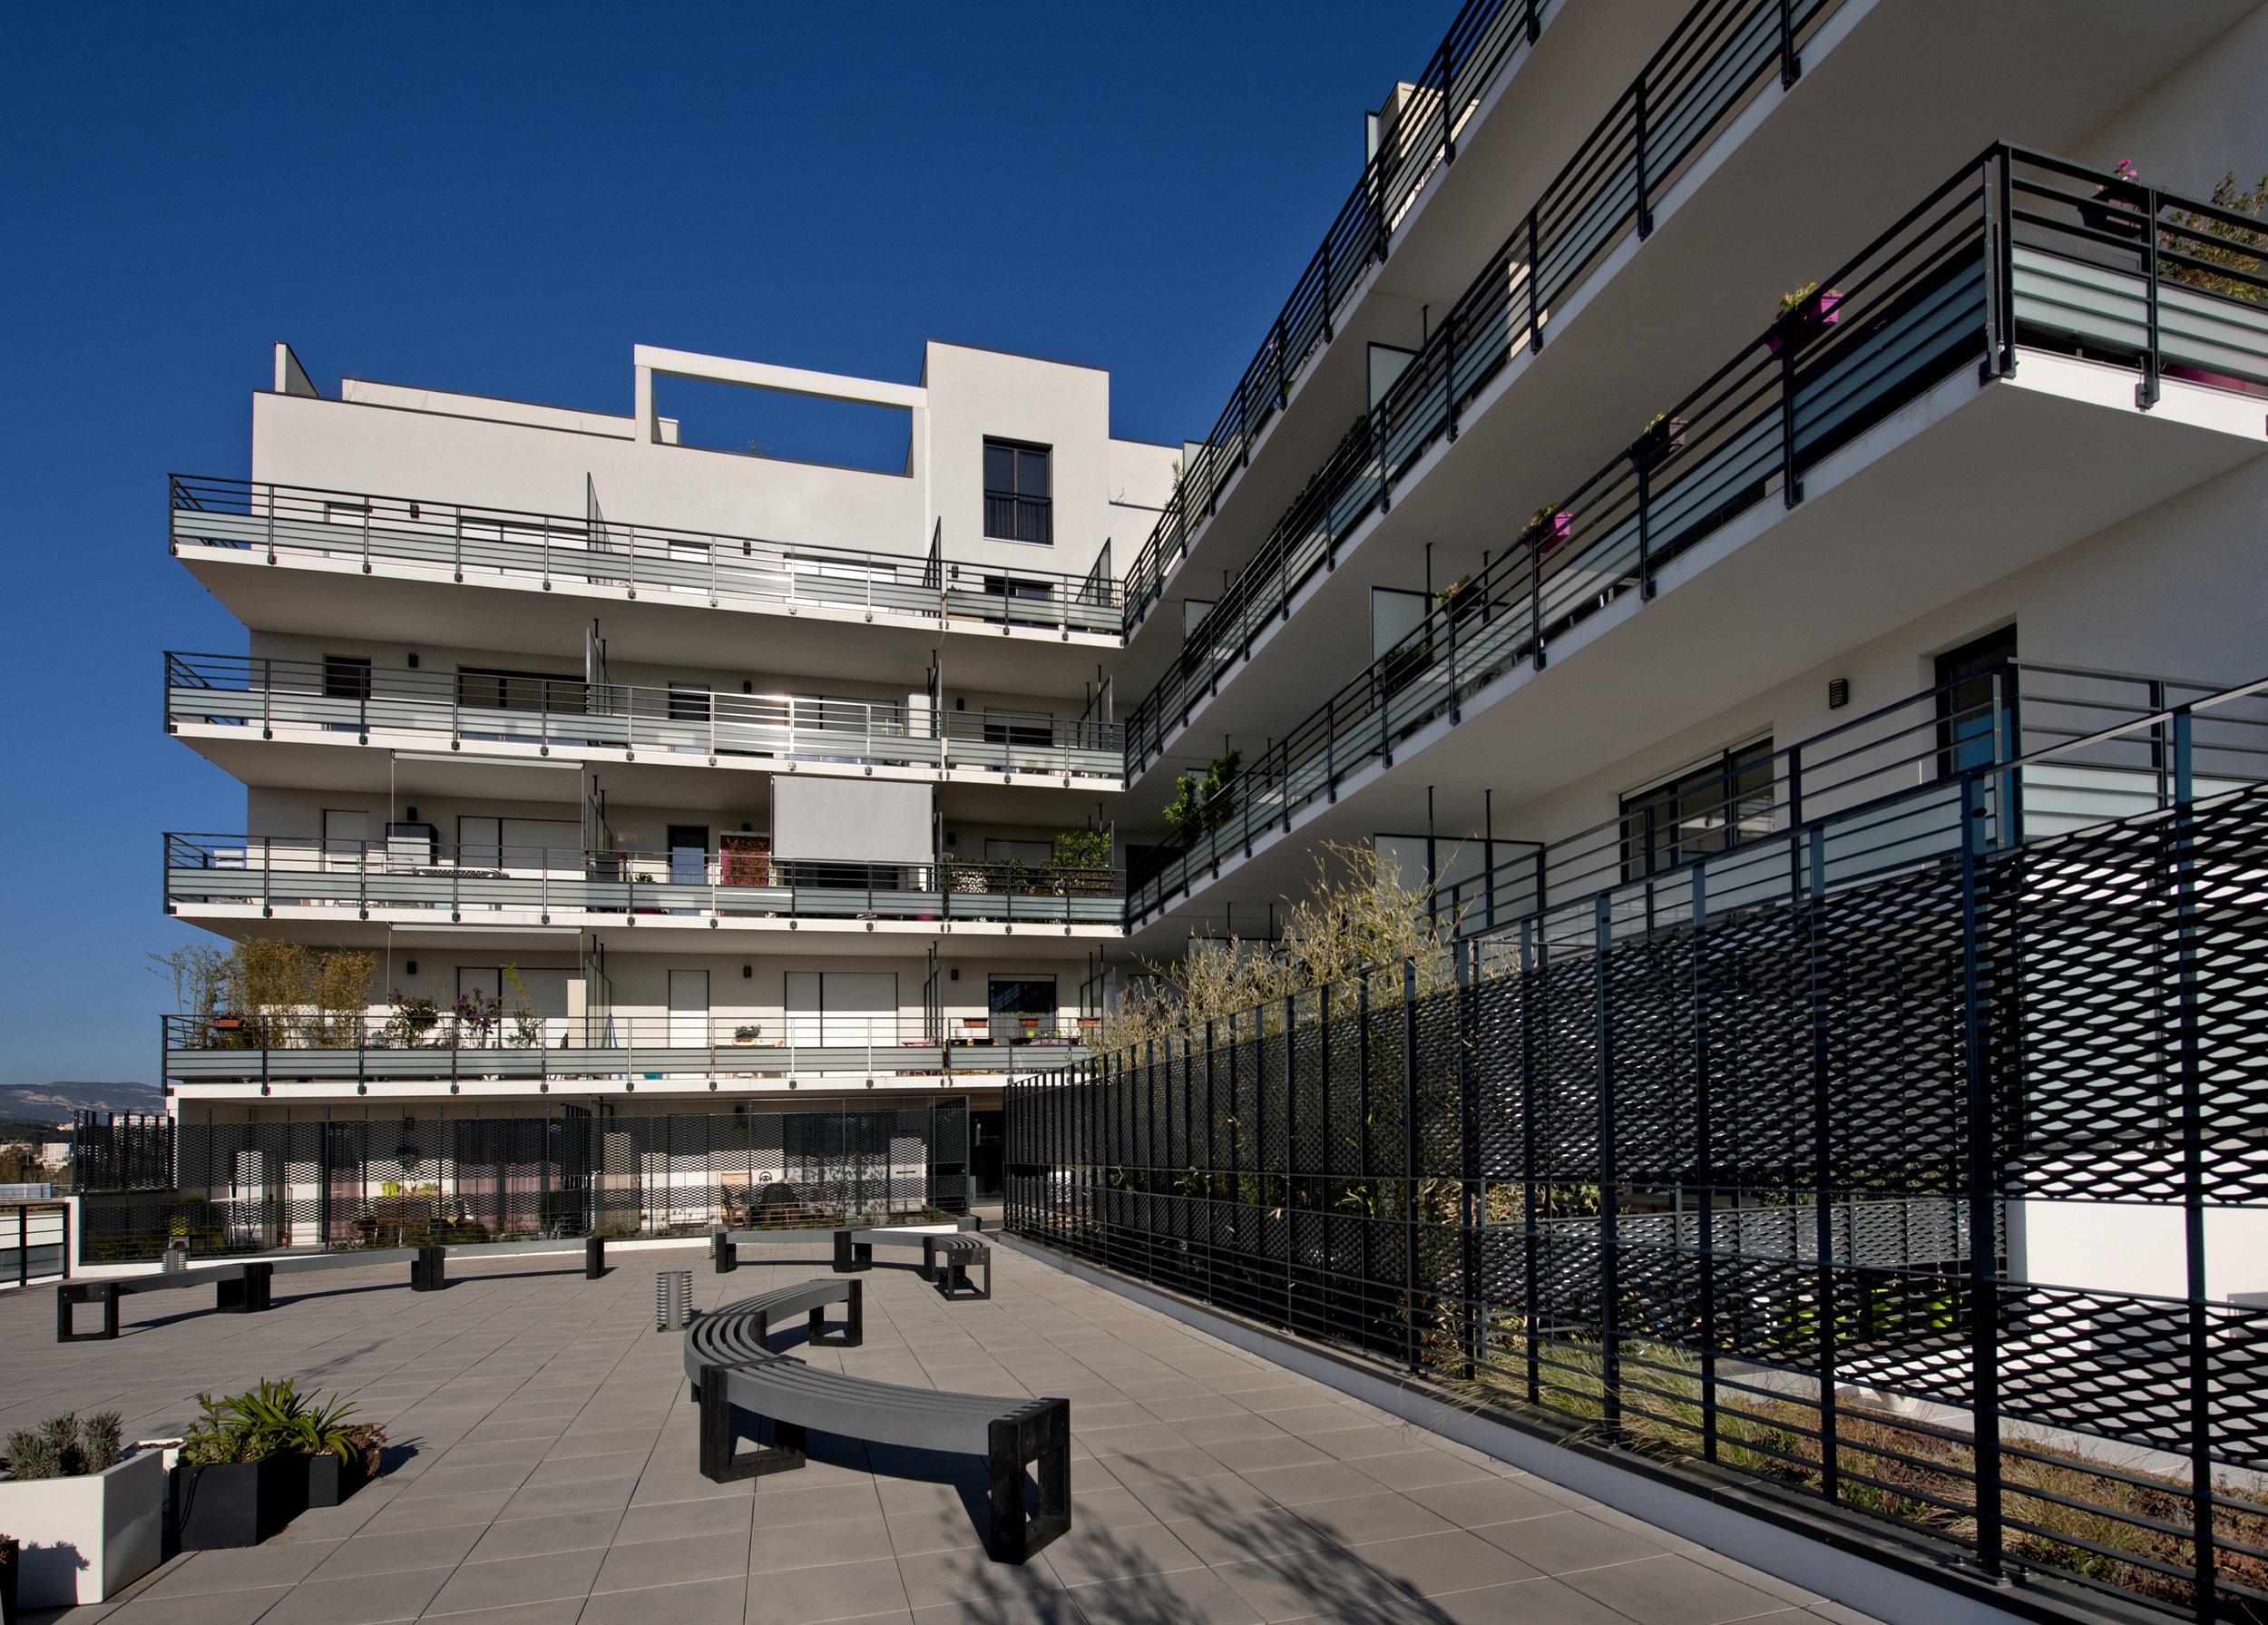 19_EHPAD_Marseille_© Lisa Ricciotti.jpg